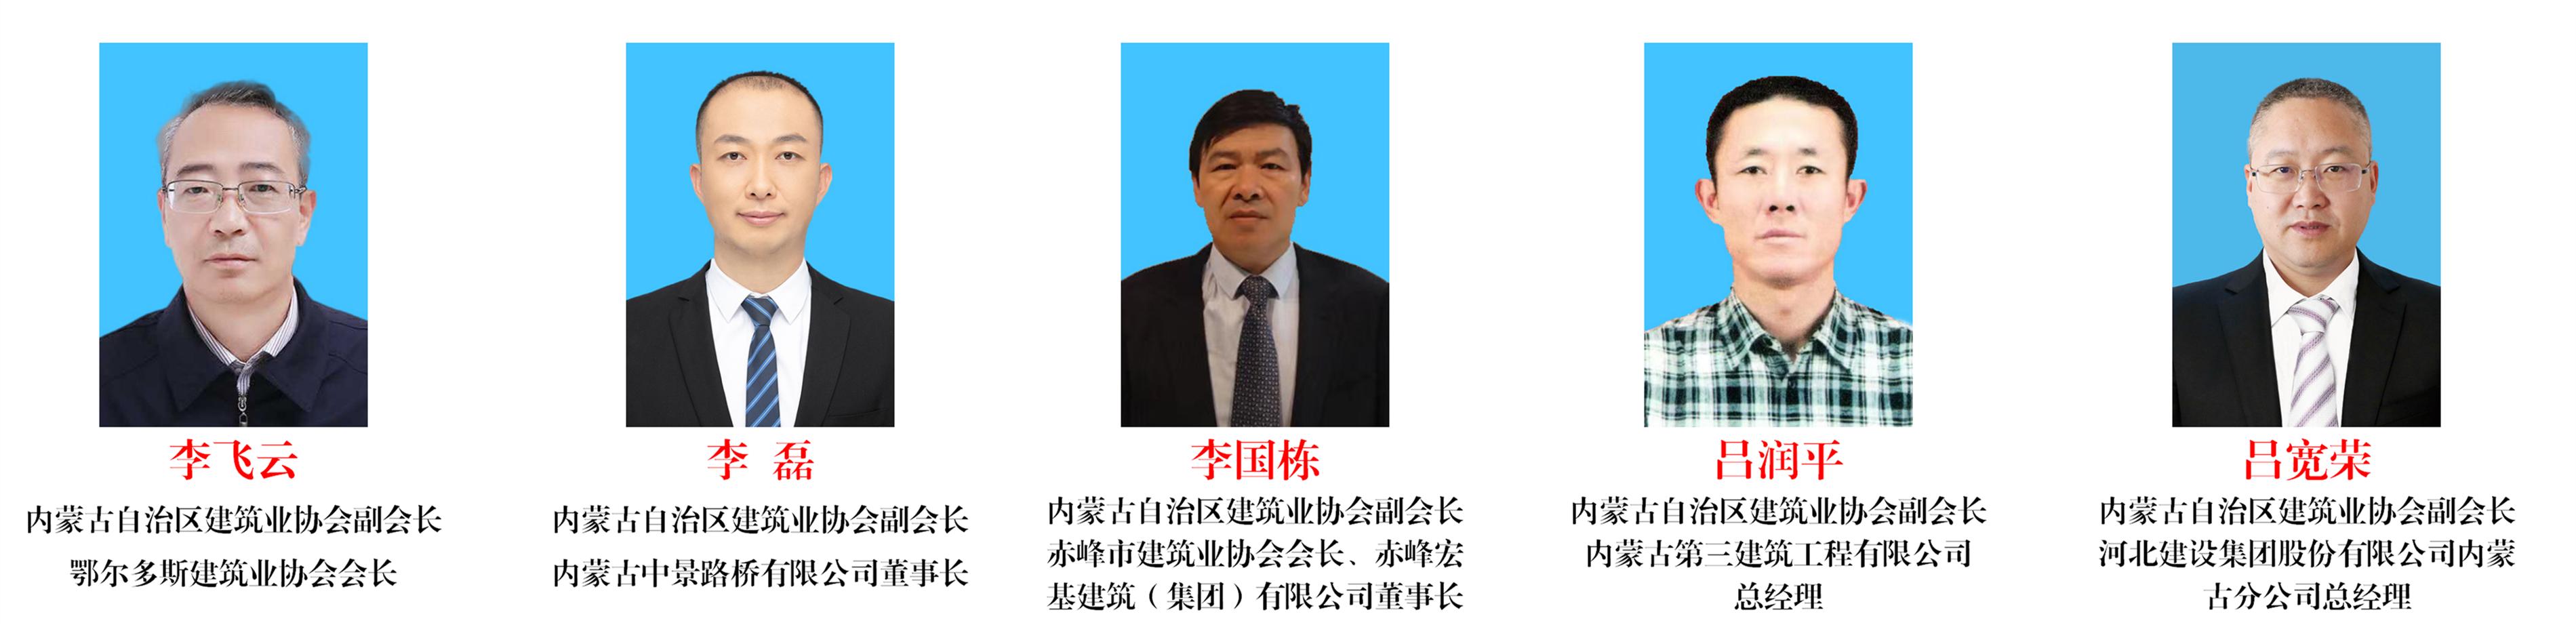 协会领导图_03.png